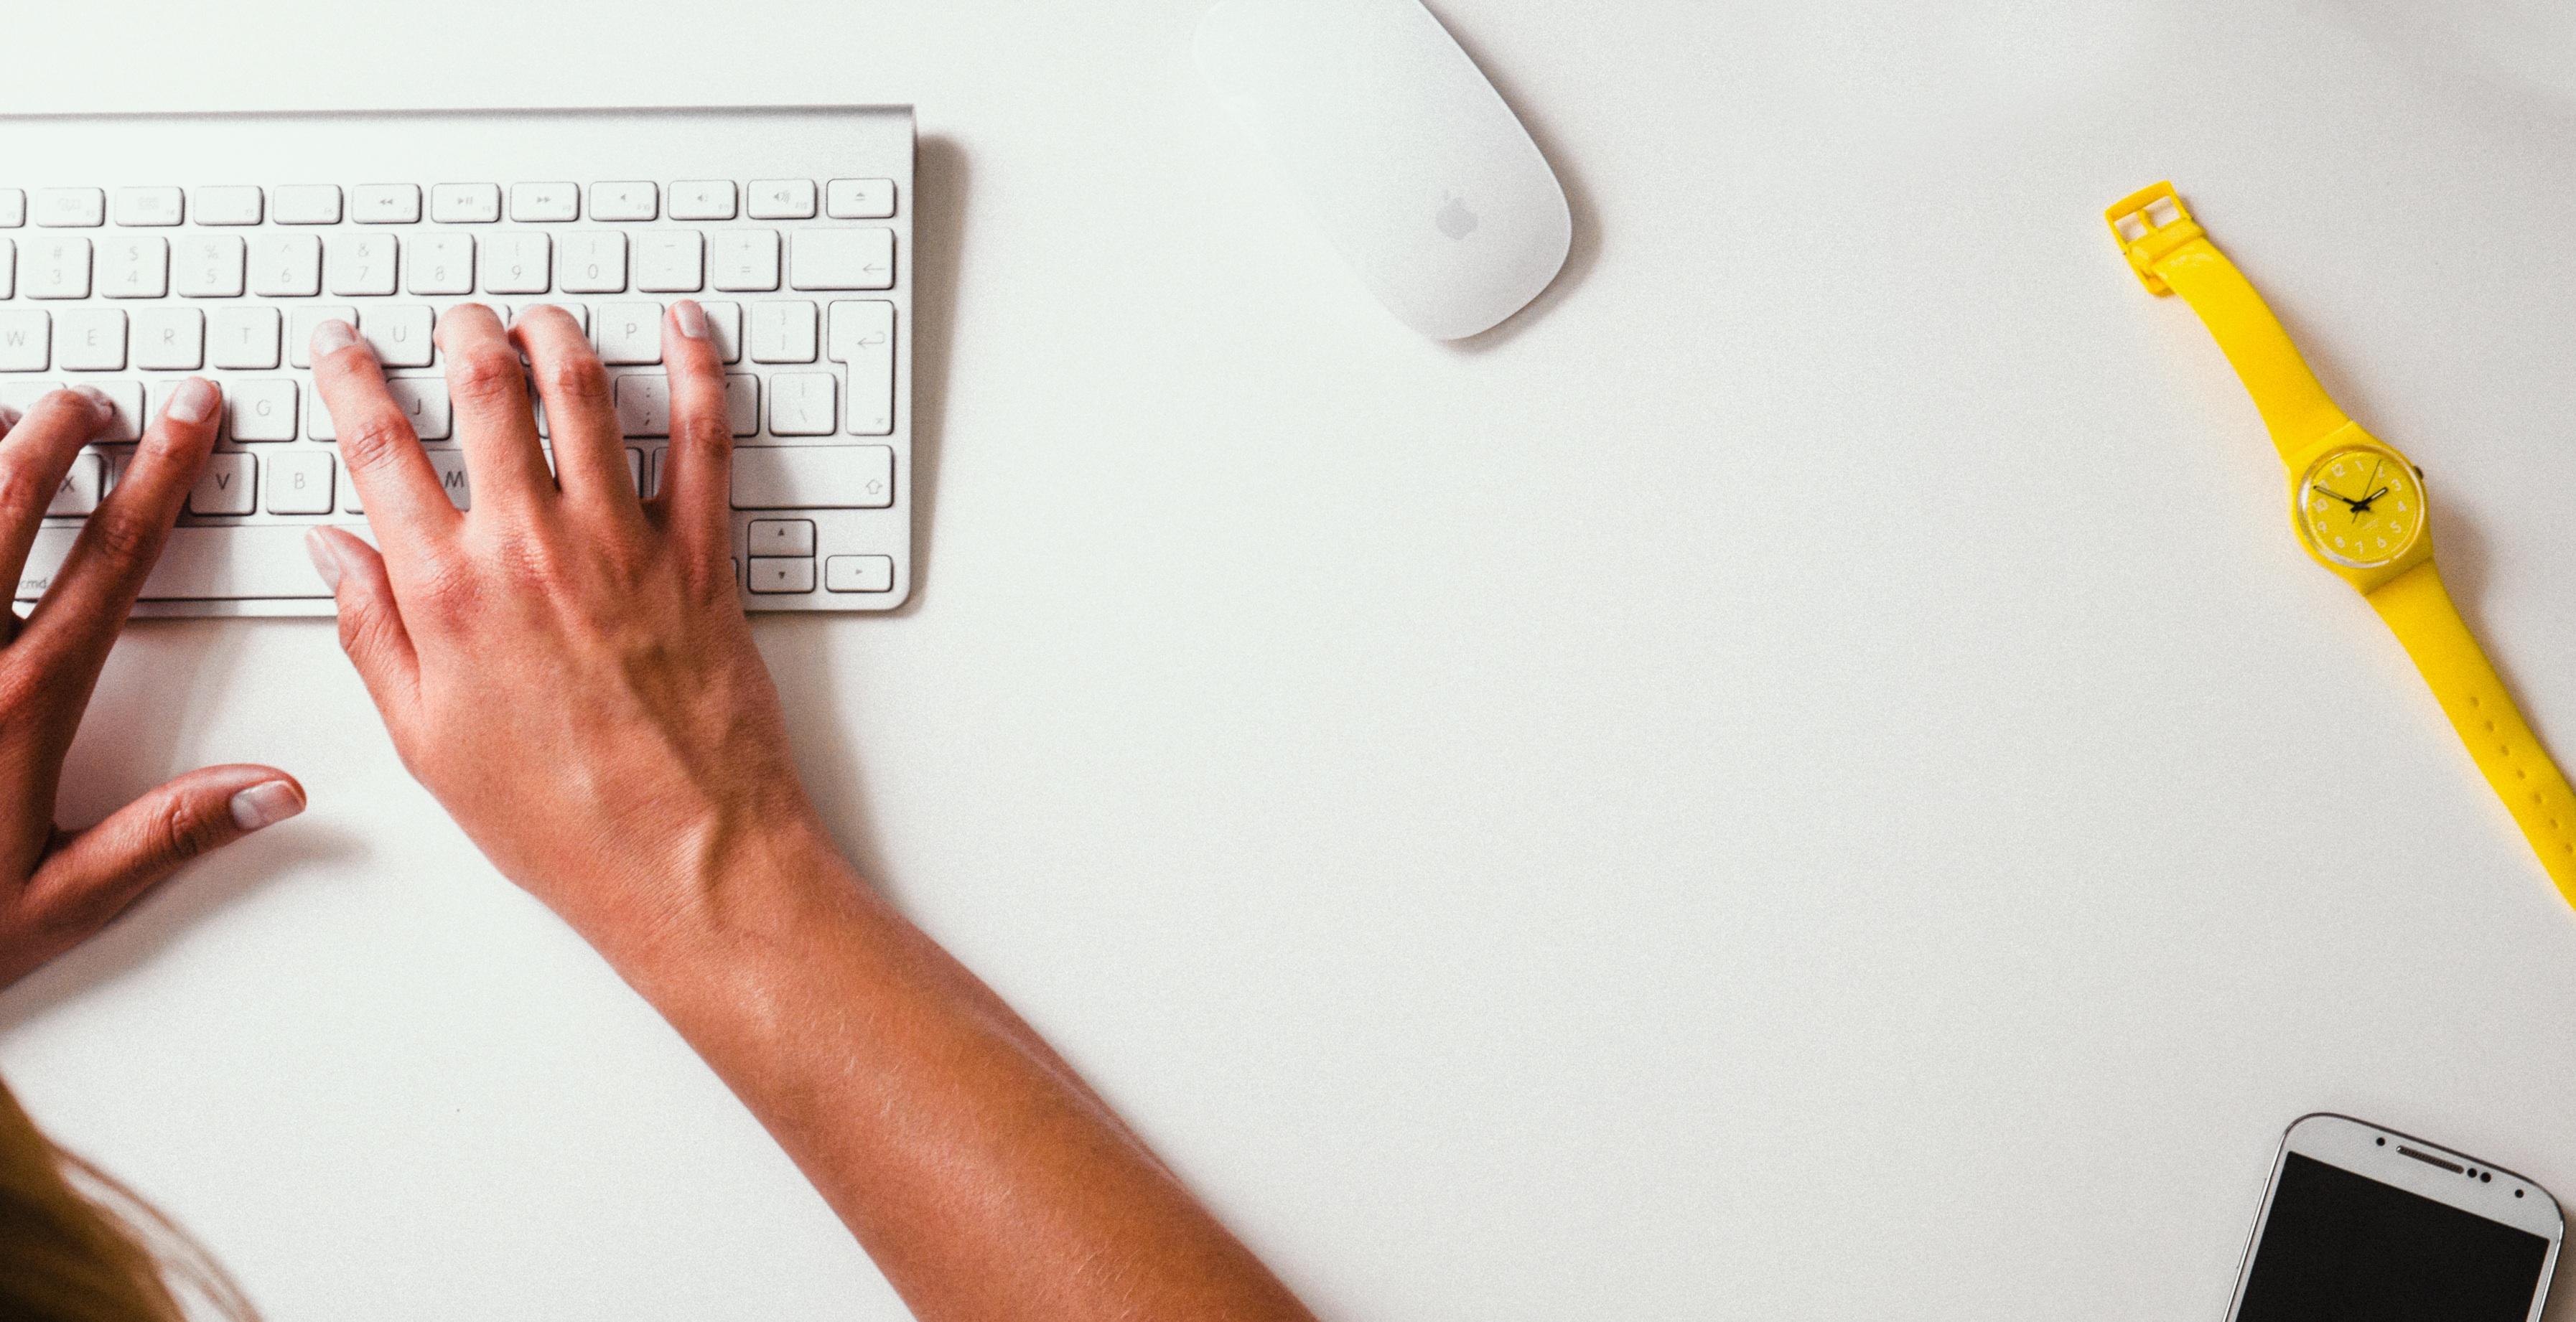 Hände auf Tastatur, darum liegen Maus und Uhr